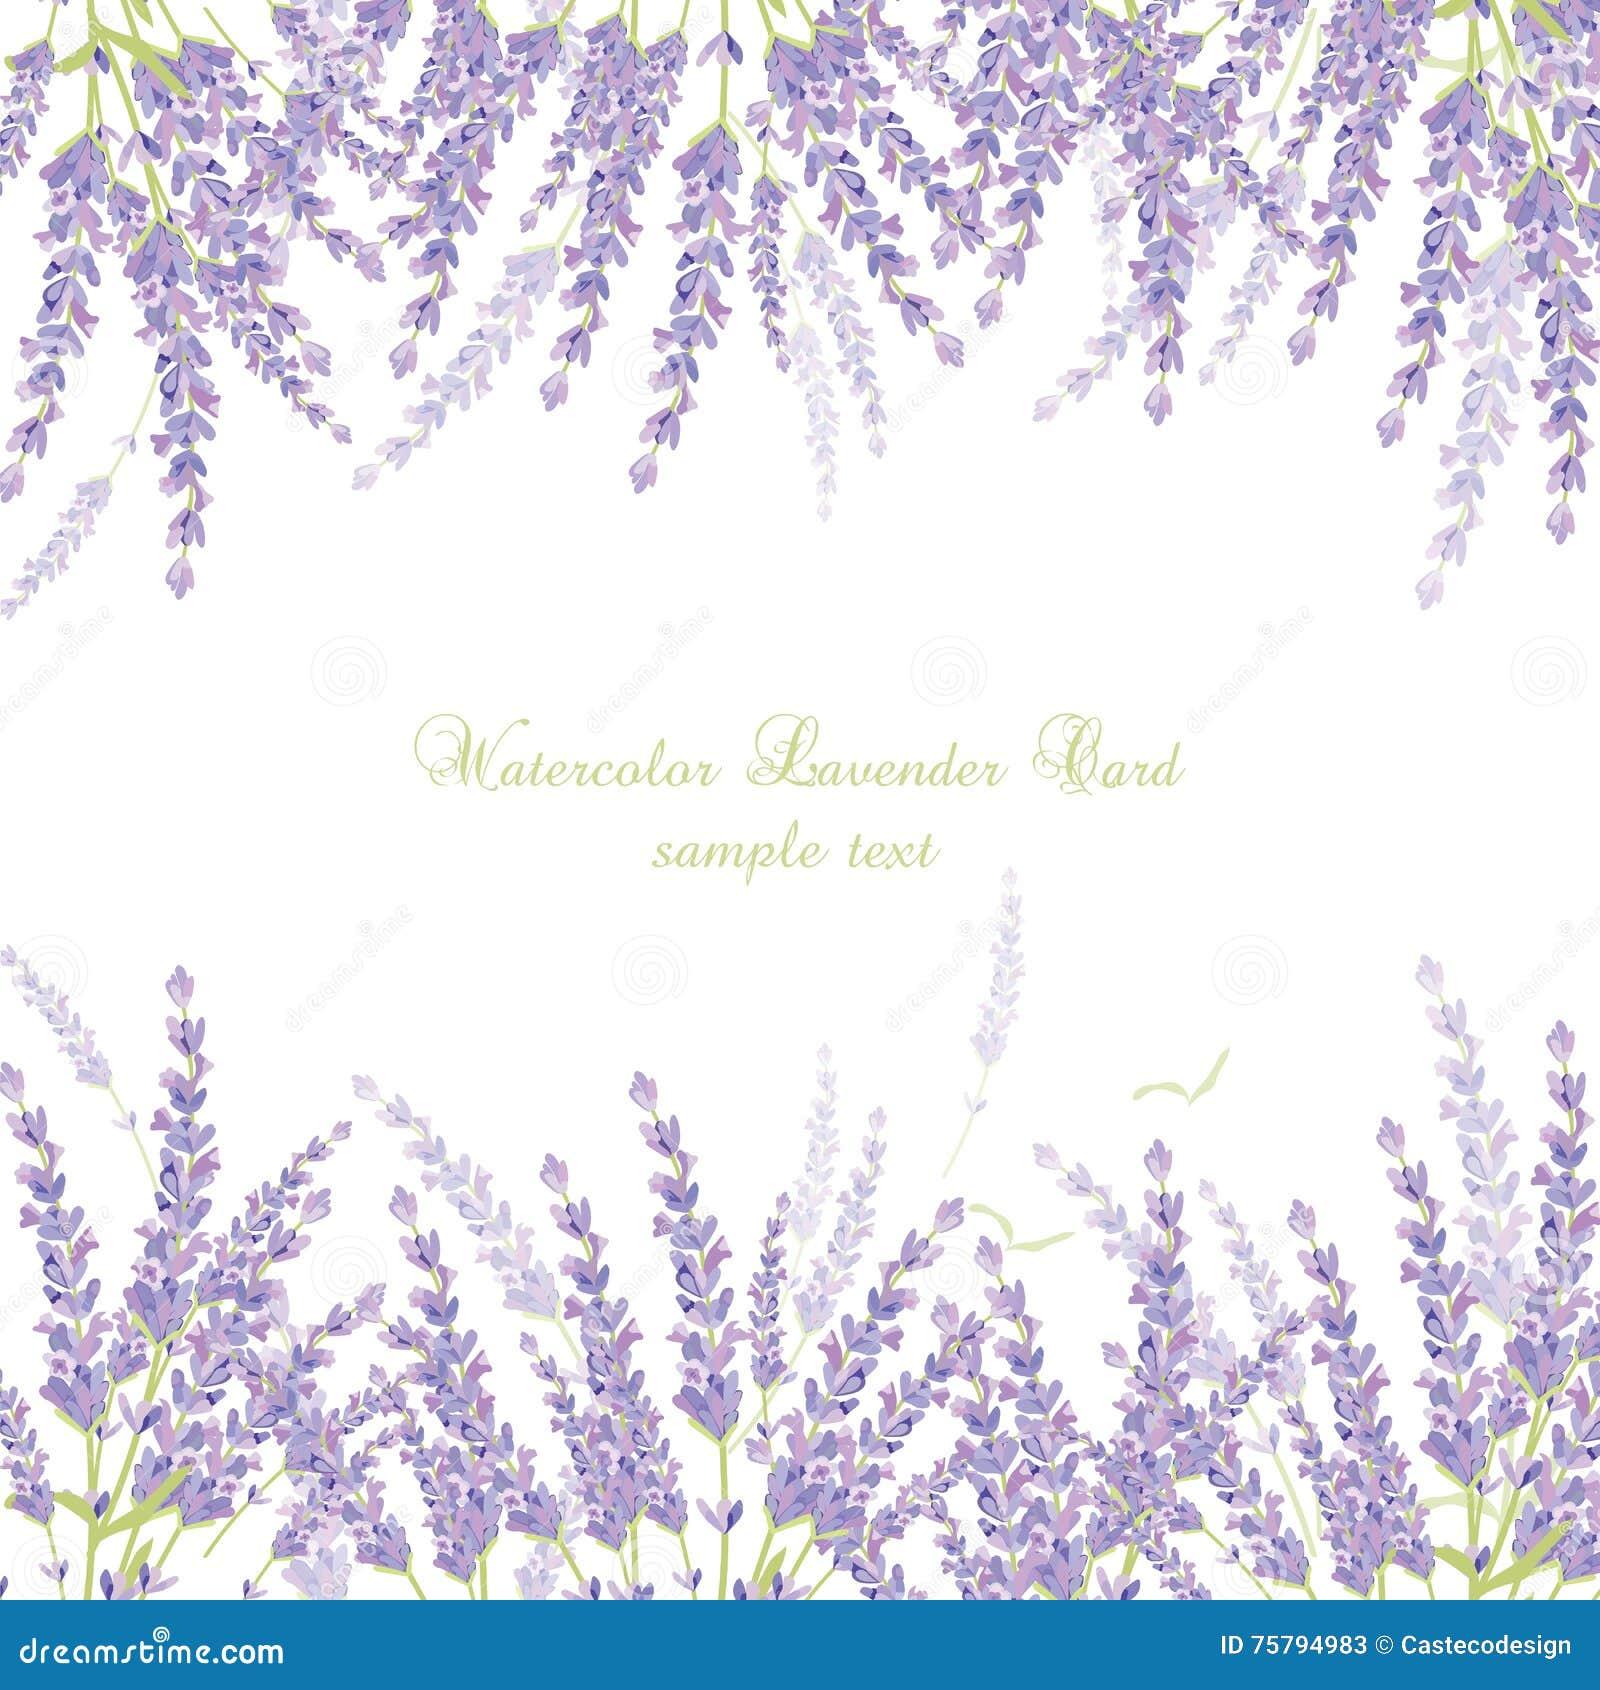 Victorian Mansion Floor Plans Lavender Borders 28 Images Lavender Plant Clip Art